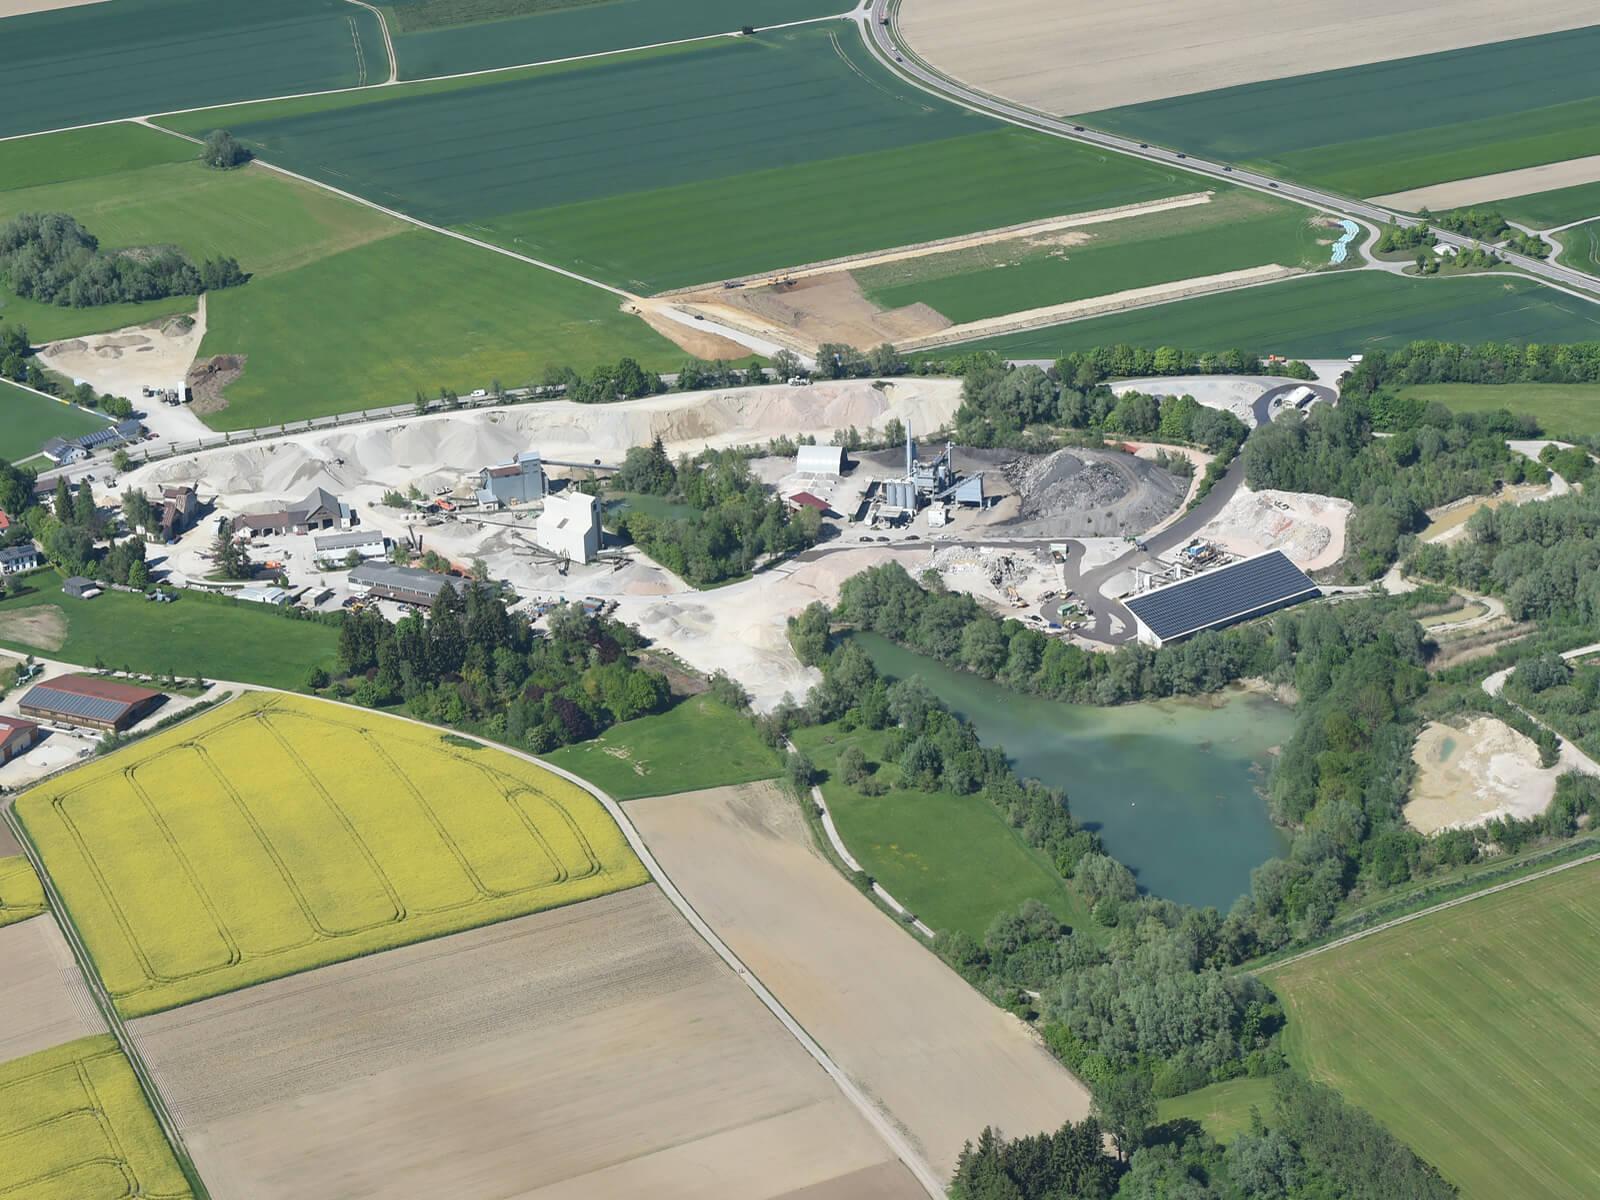 Das Recyclingunternehmen Thaler von oben. Foto: Marcus Merk